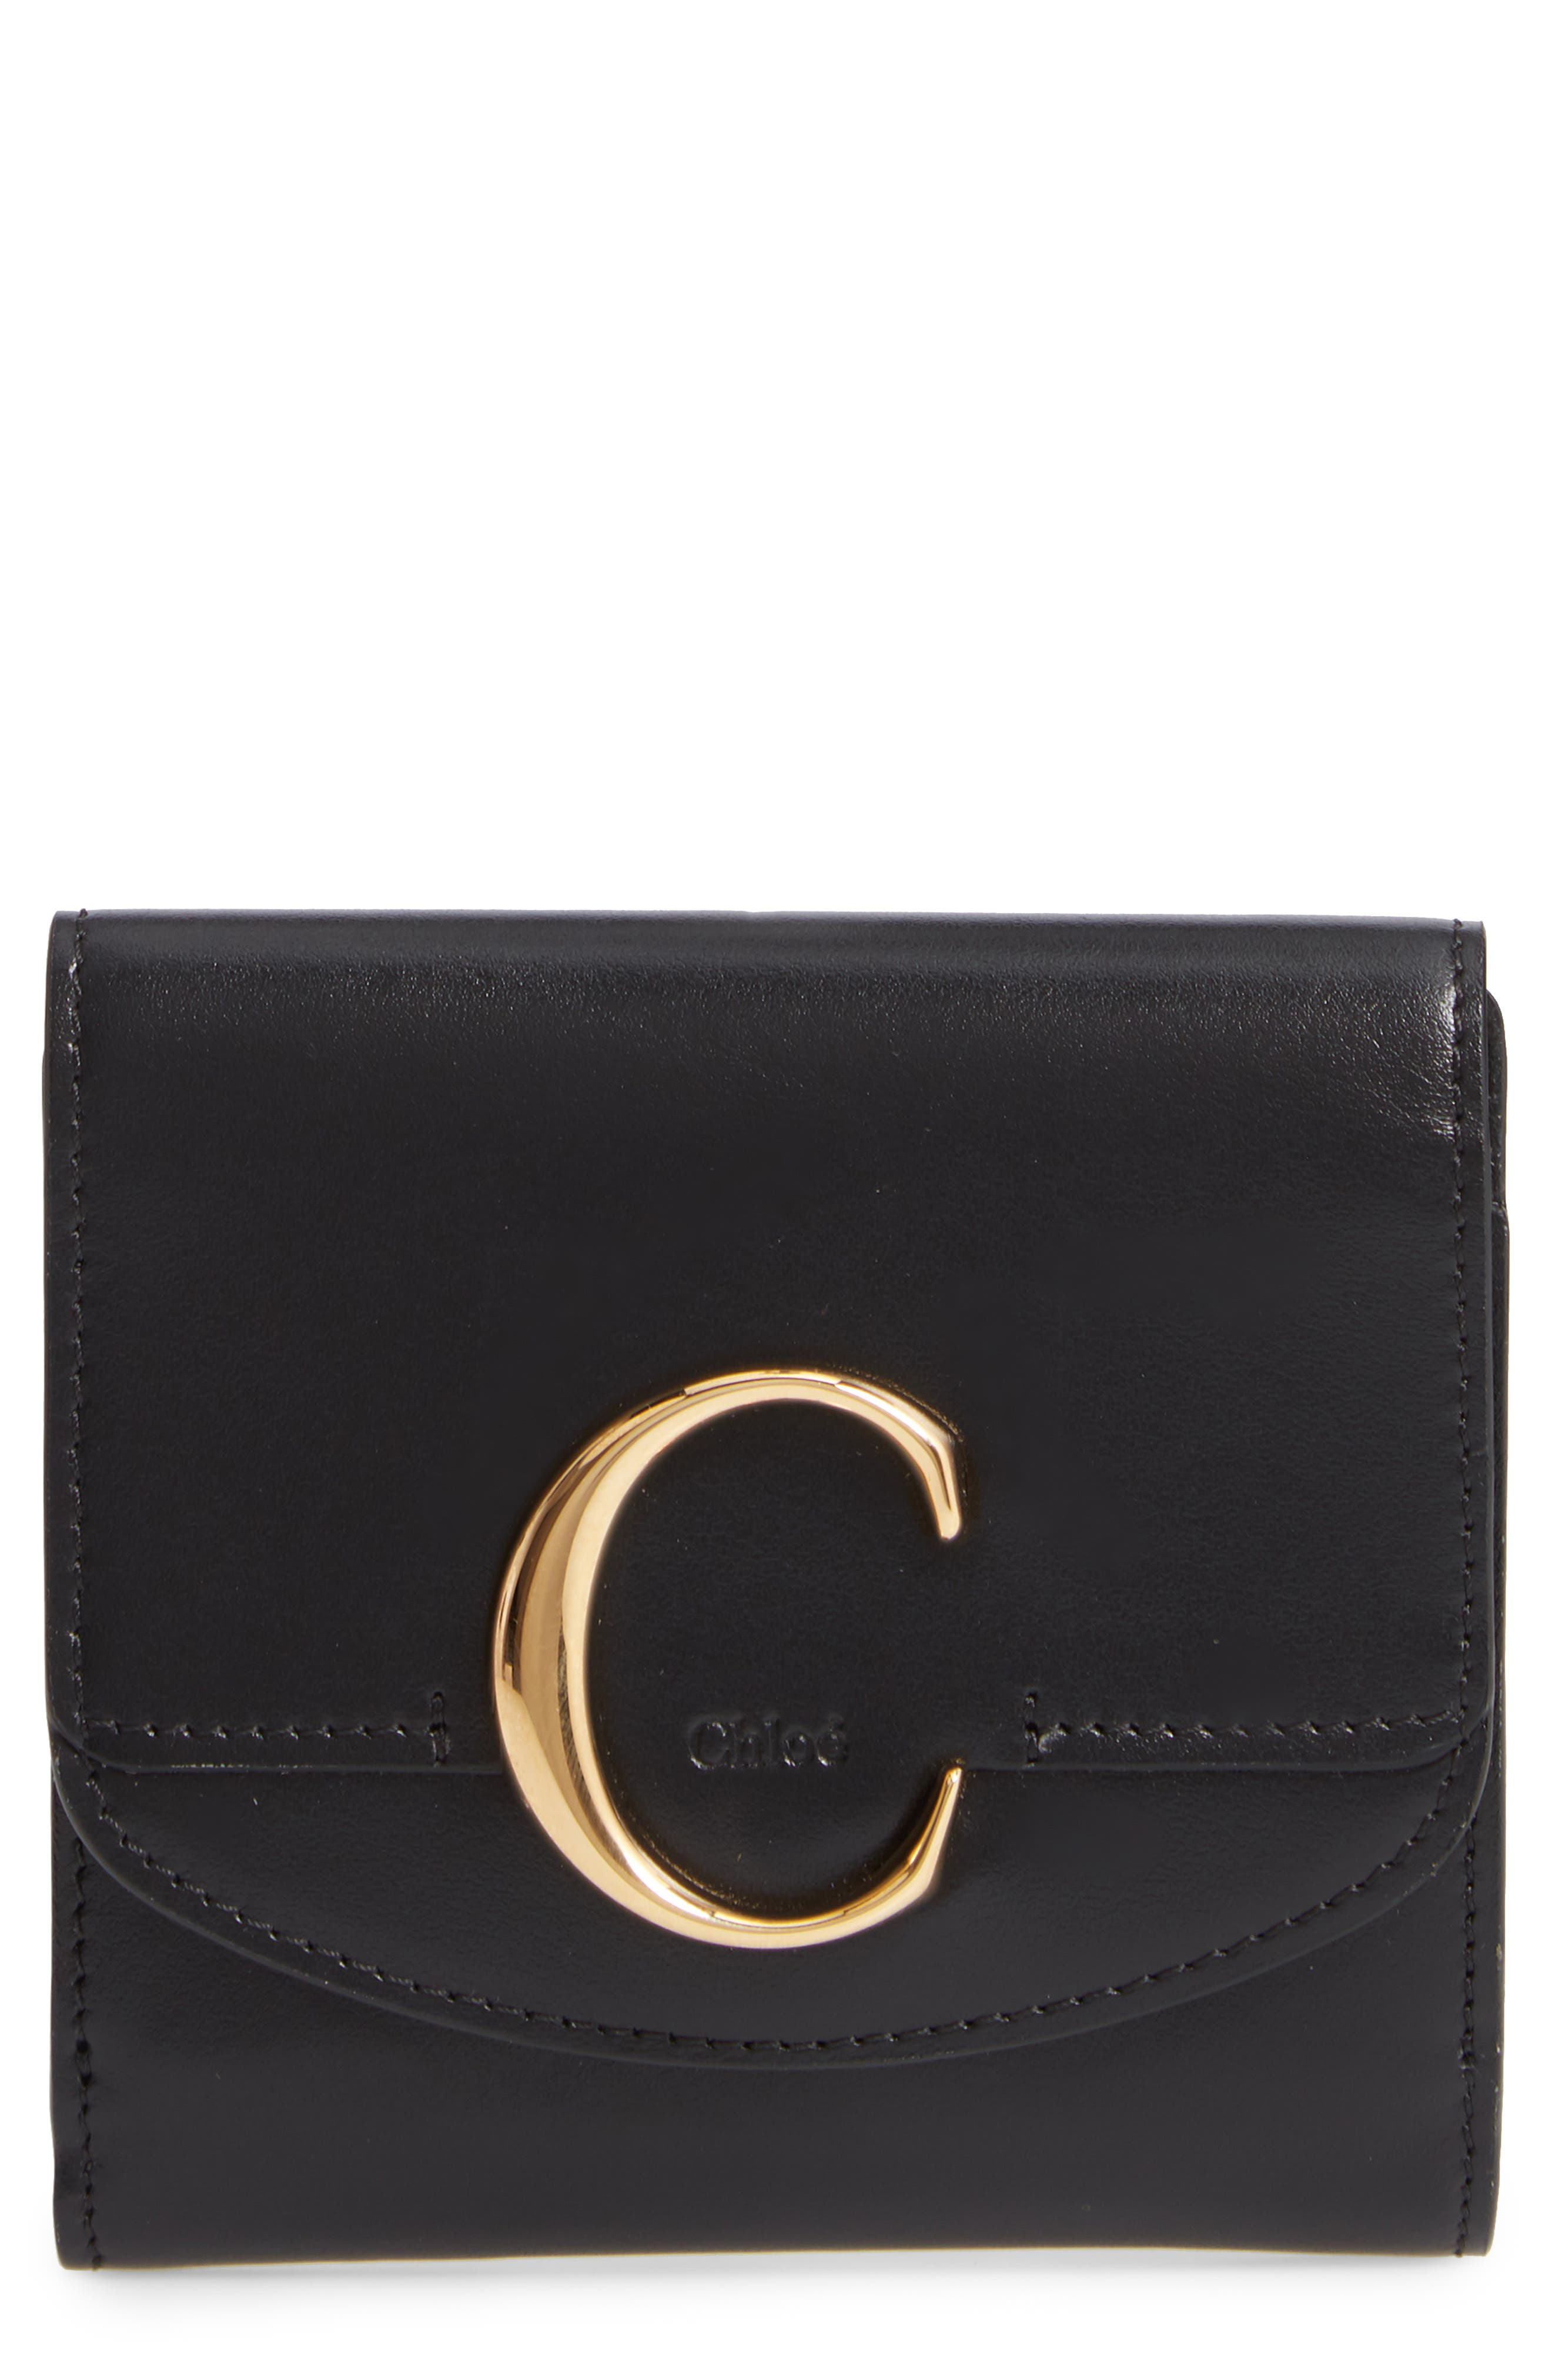 CHLOÉ Square Leather Wallet, Main, color, BLACK